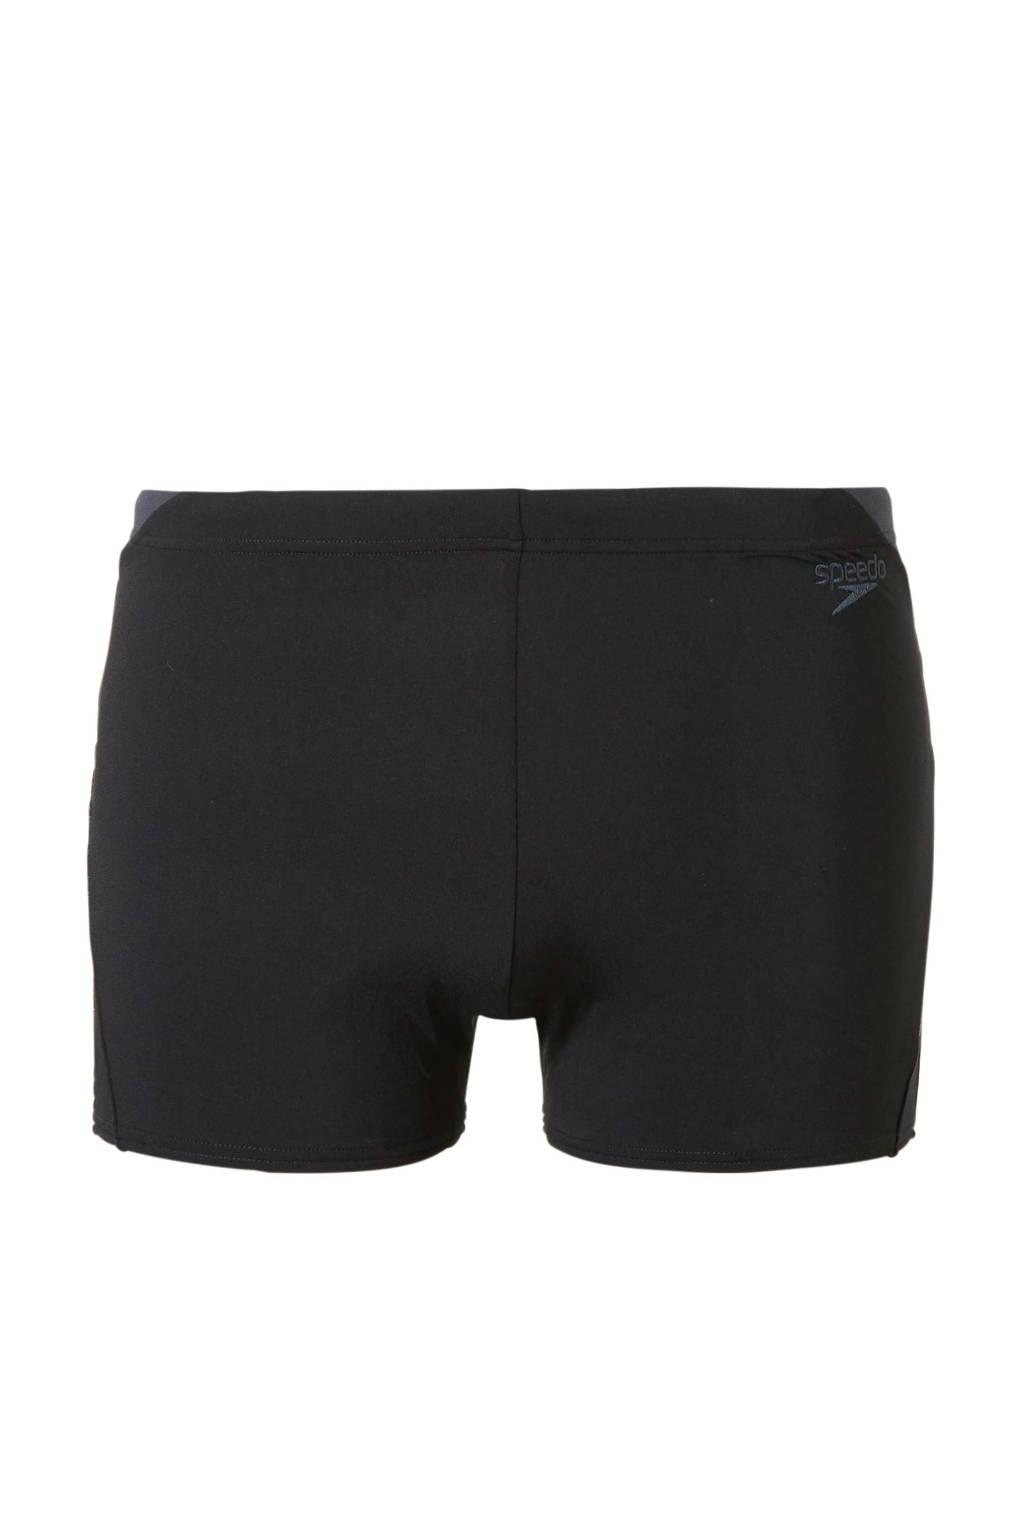 Speedo Endurance 10 zwemboxer zwart/grijs, Zwart/grijs